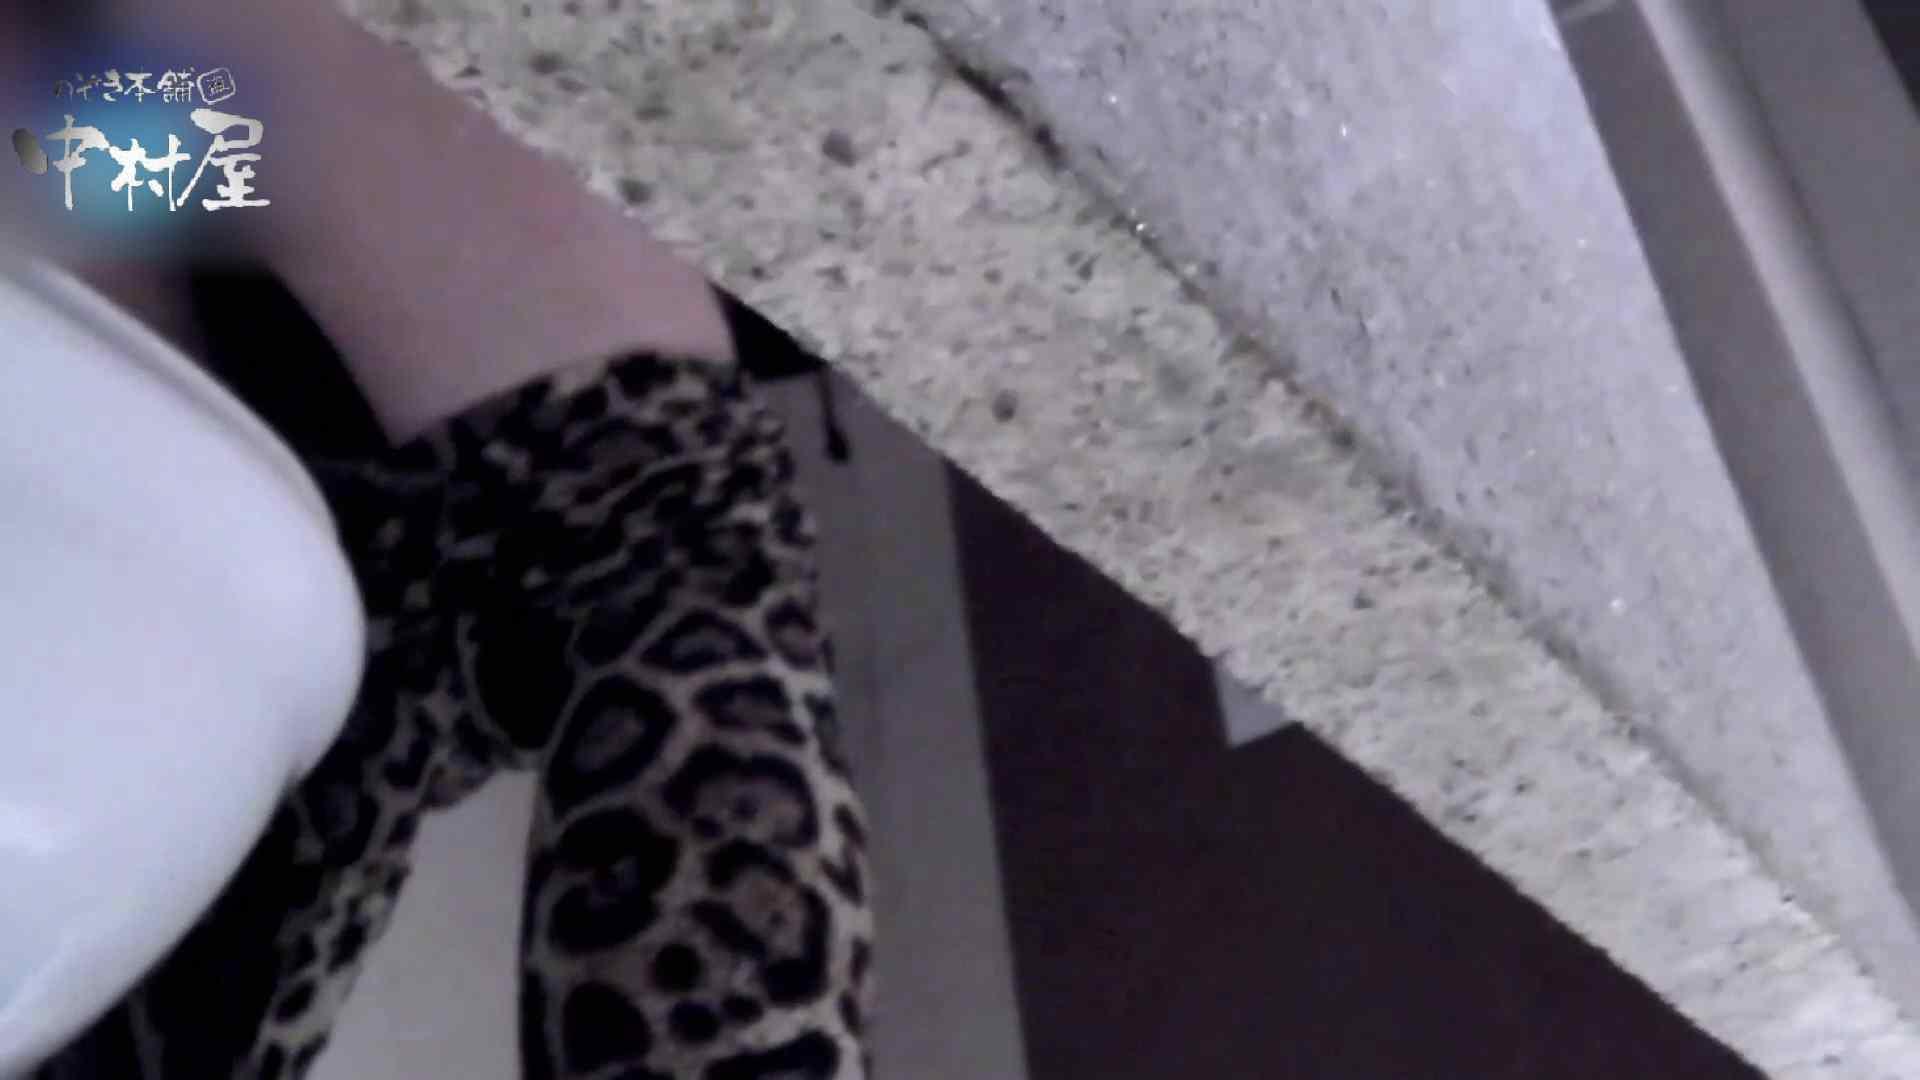 乙女集まる!ショッピングモール潜入撮vol.03 和式 盗撮セックス無修正動画無料 87PICs 17